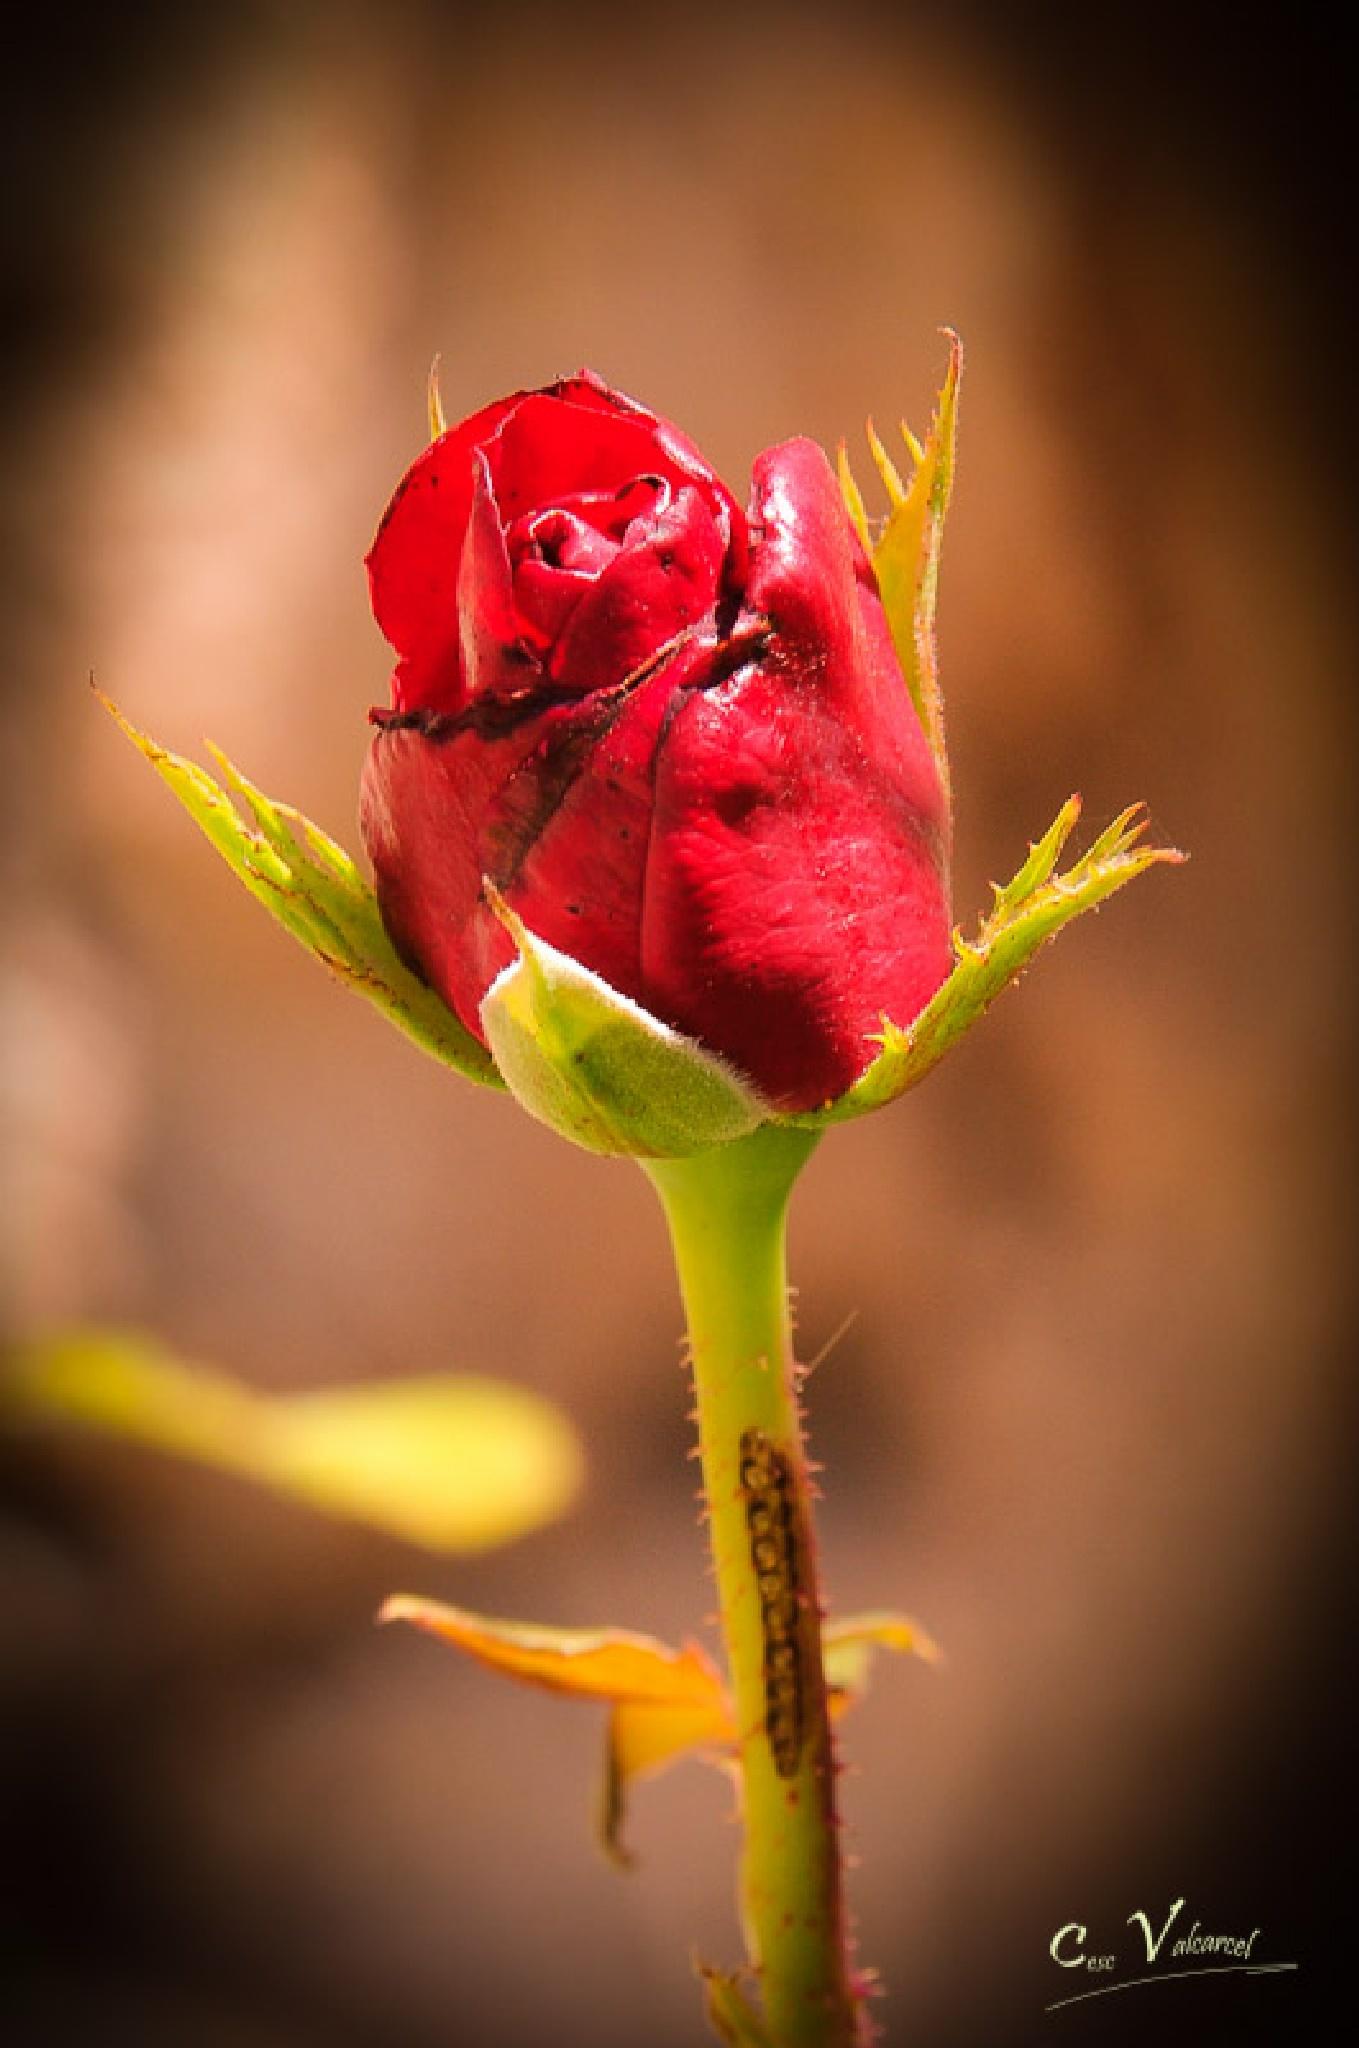 Rose by Cesc Valcarcel